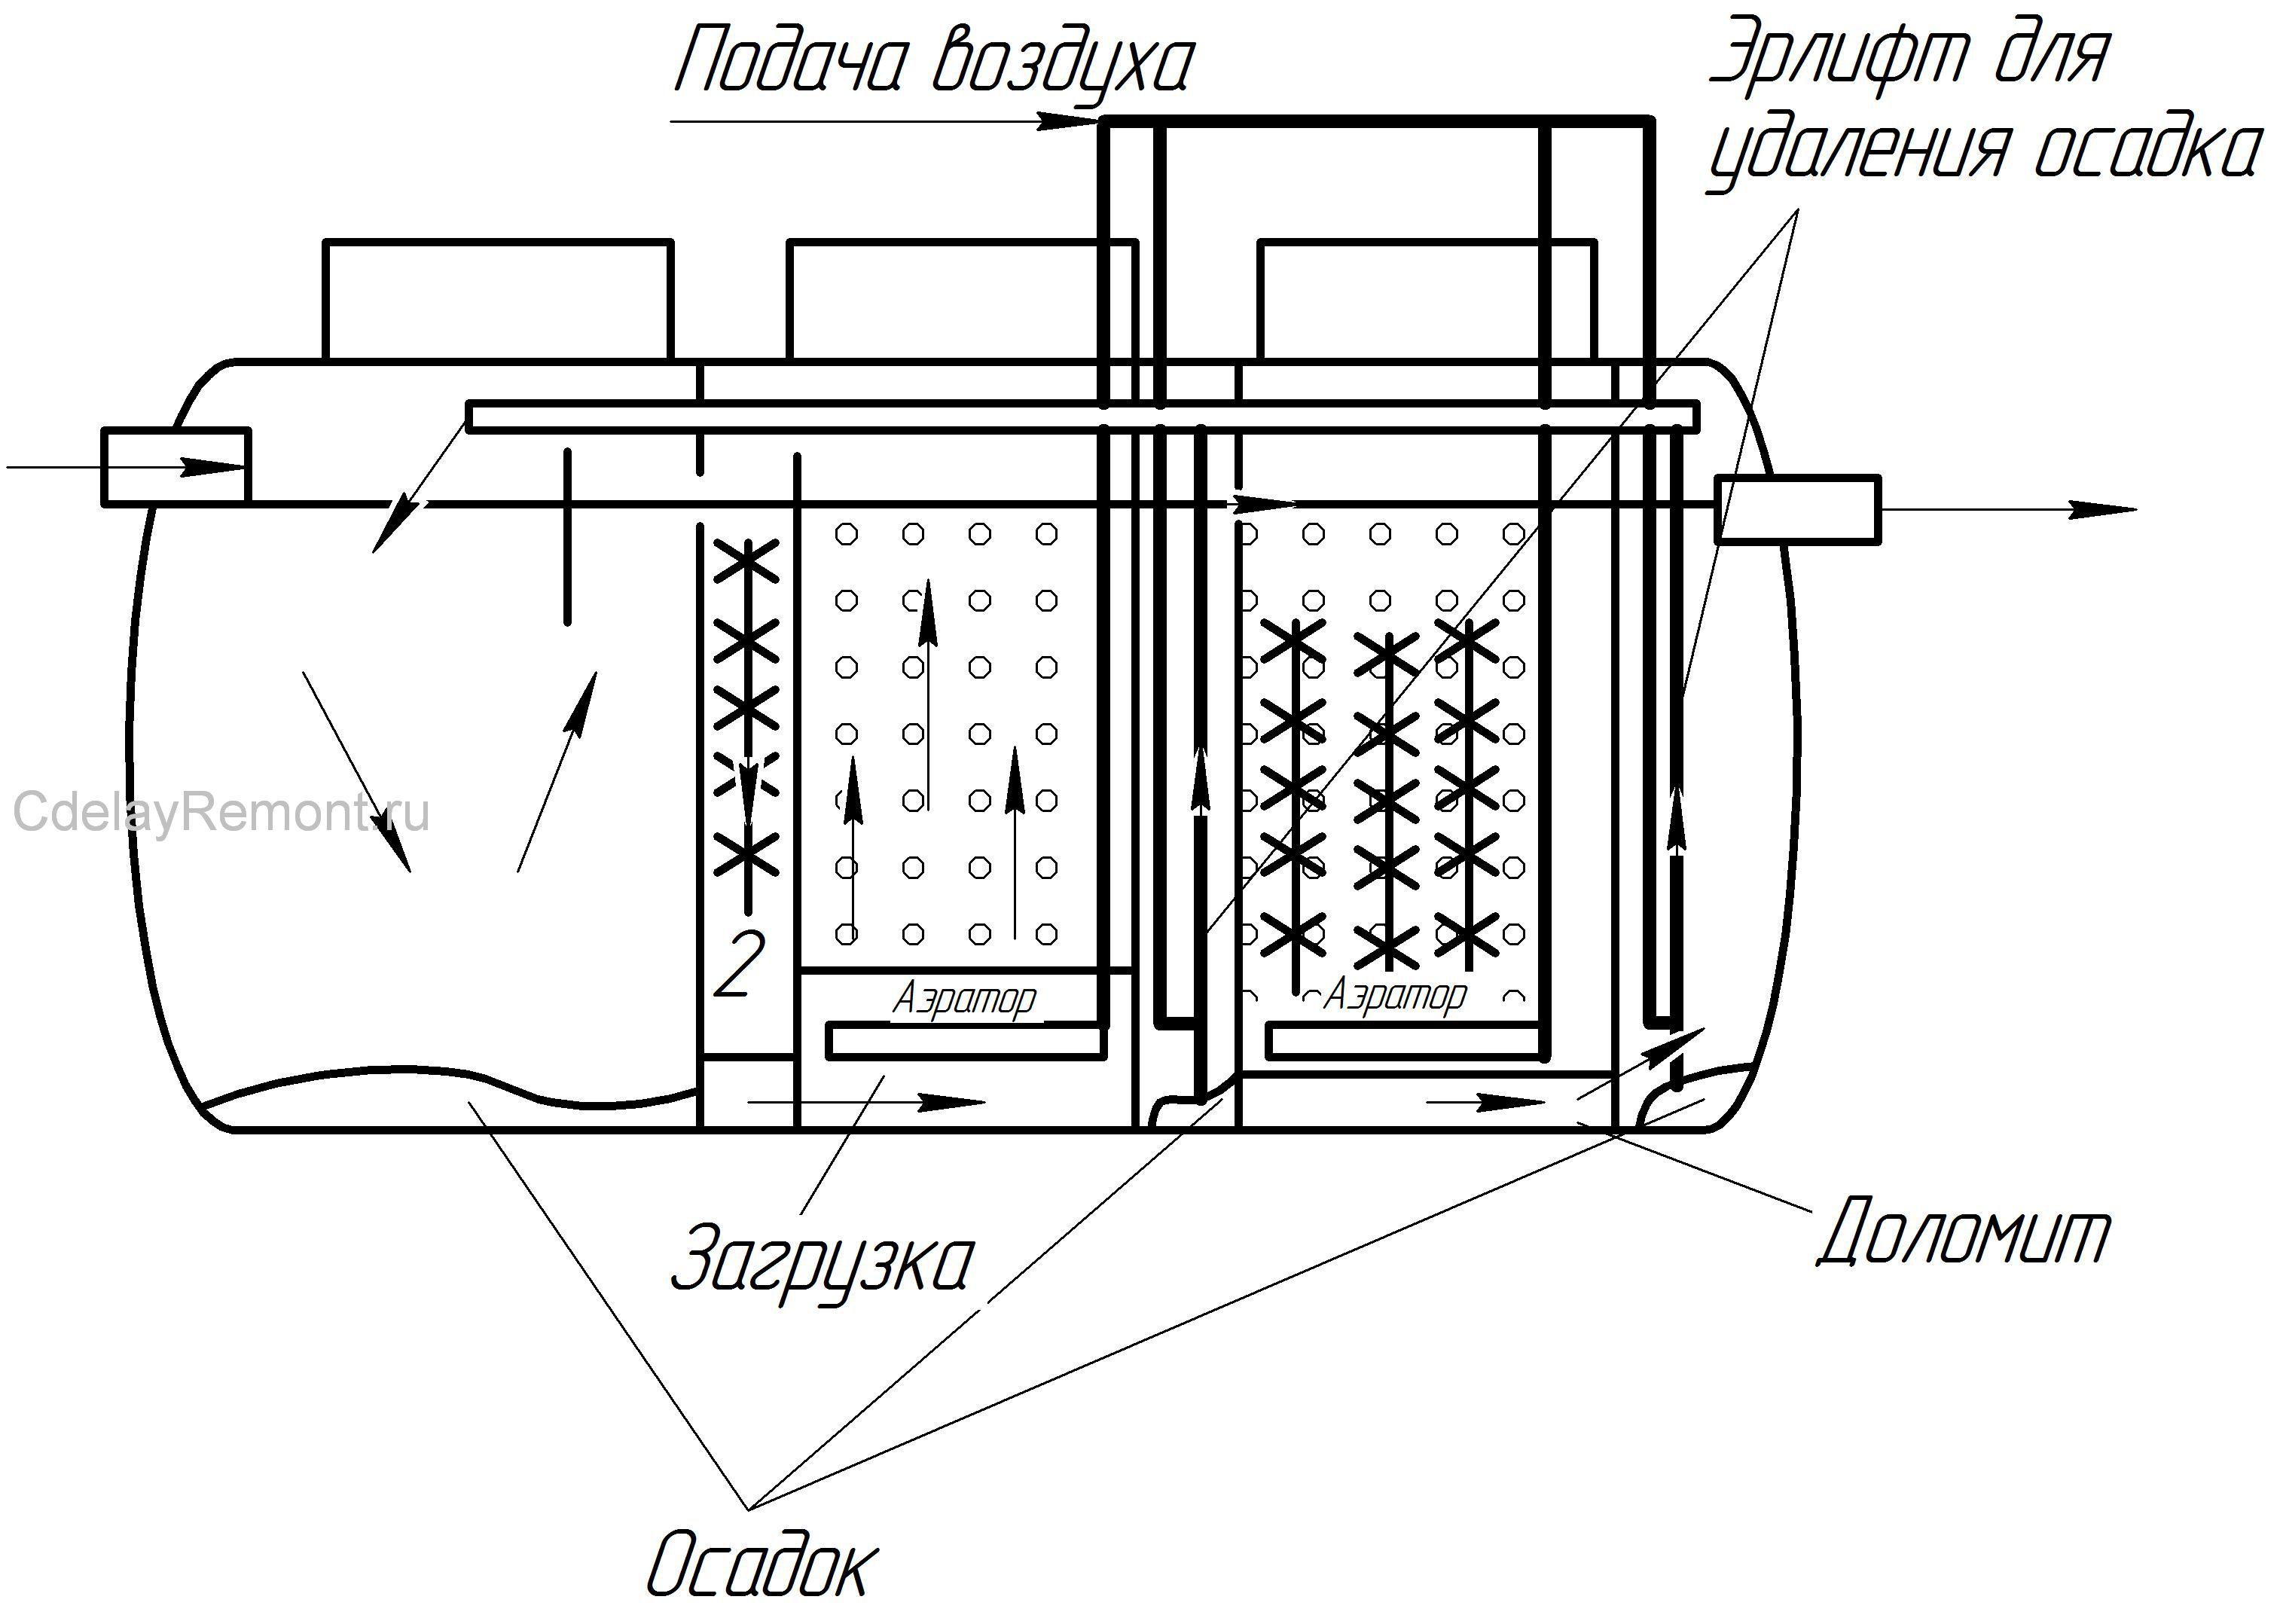 Принципиальная схема септика Экопан